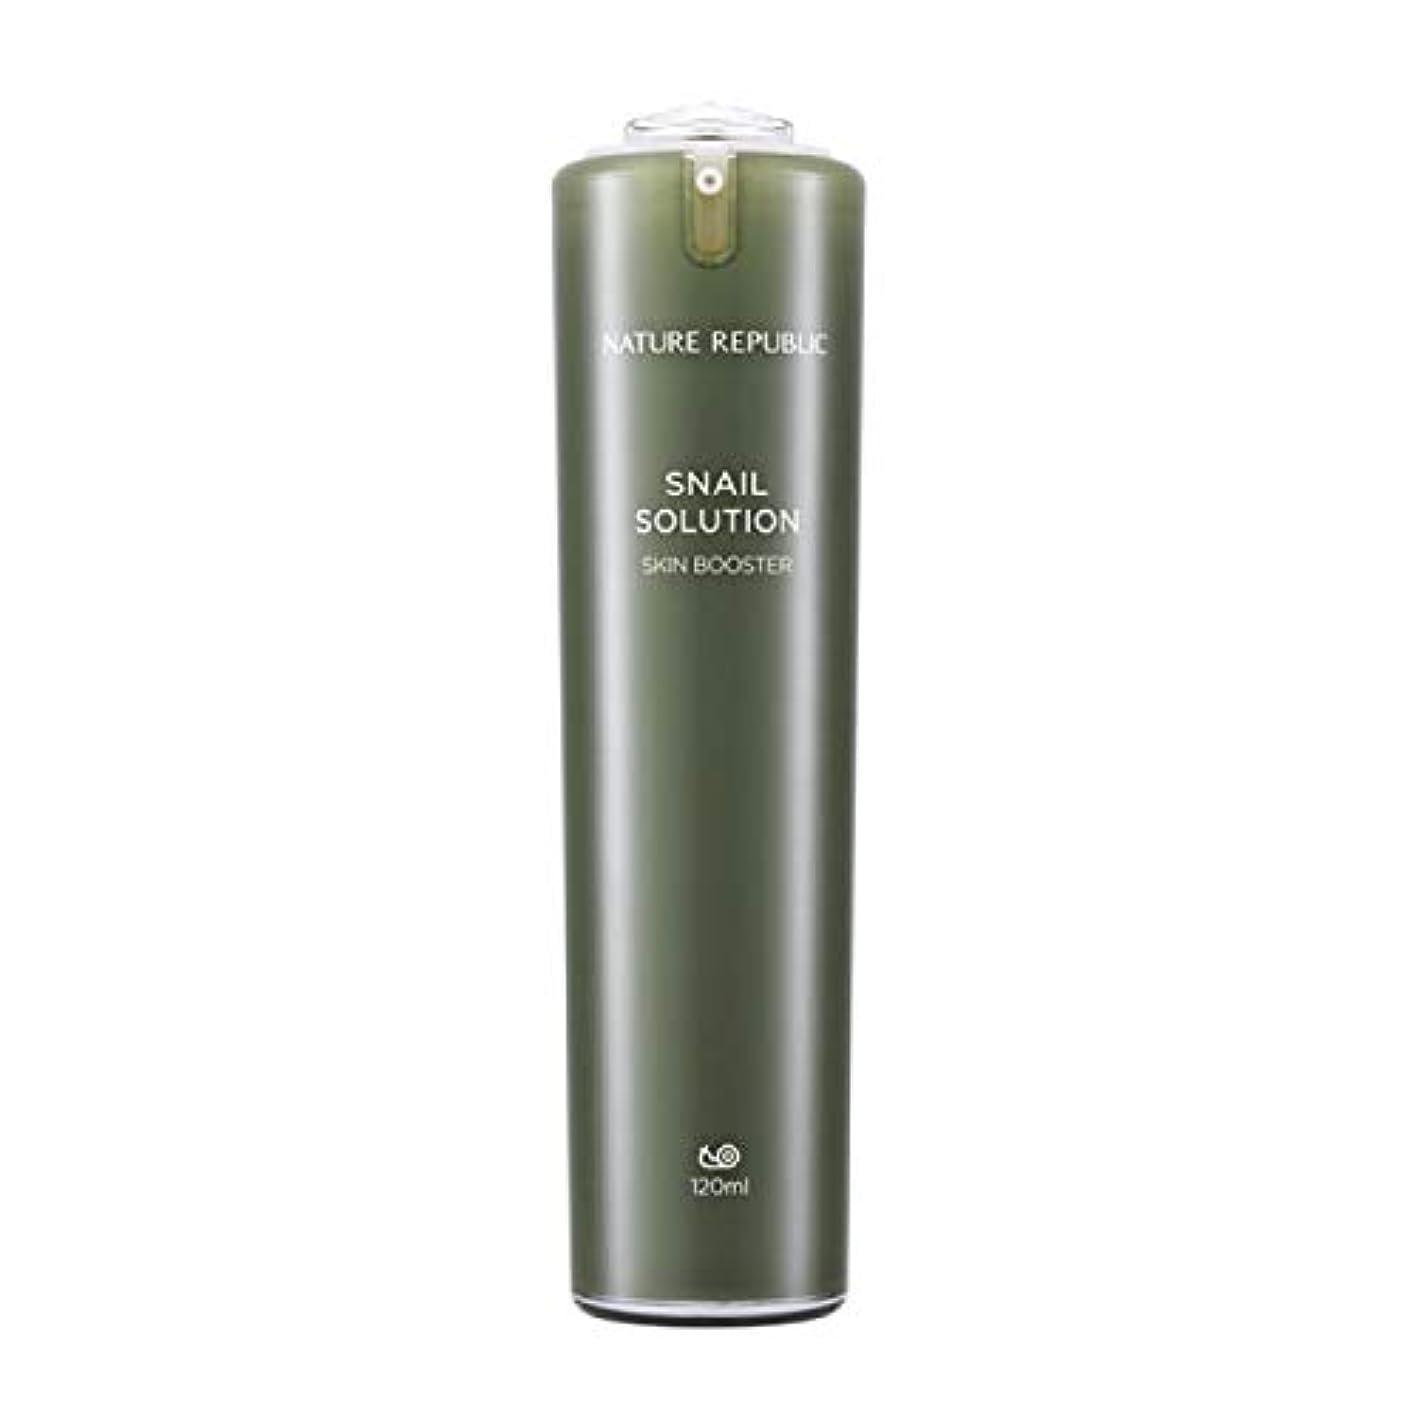 不測の事態バスト横にネイチャーリパブリック(Nature Republic)カタツムリソリューションスキンブースター 120ml / Snail Solutions Skin Booster 120ml :: 韓国コスメ [並行輸入品]